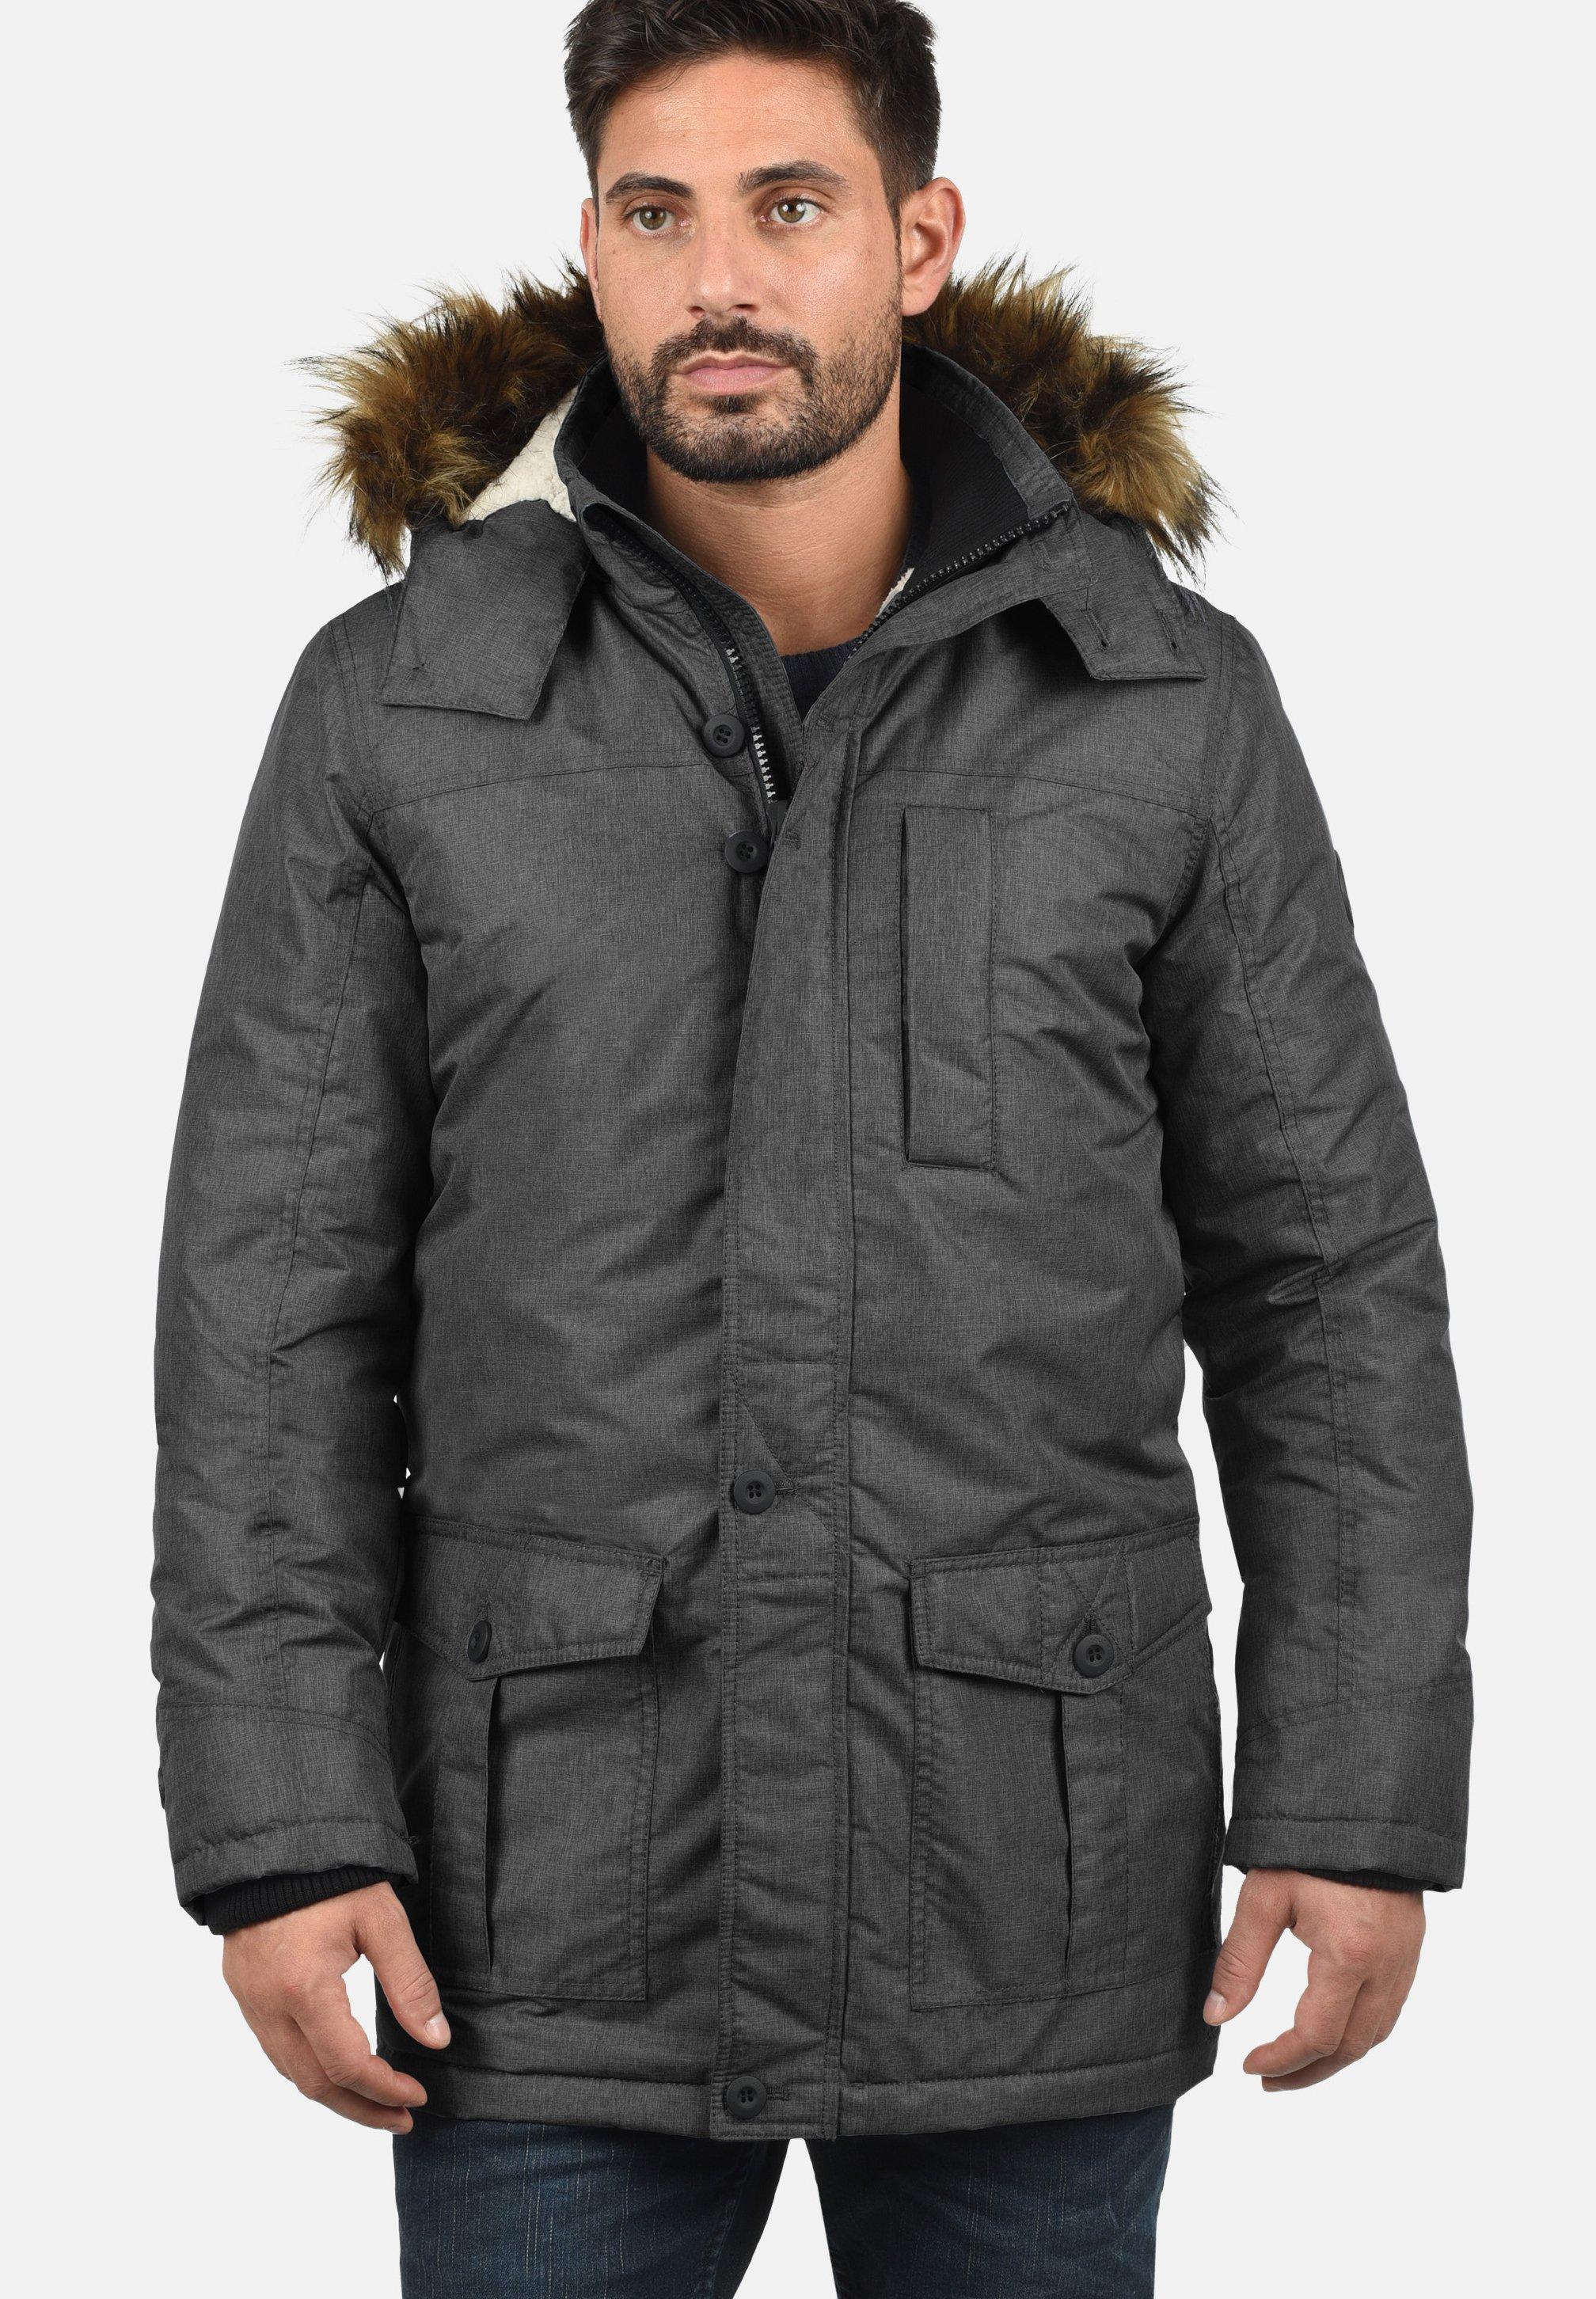 Homme OCTAVUS - Veste d'hiver - black melange